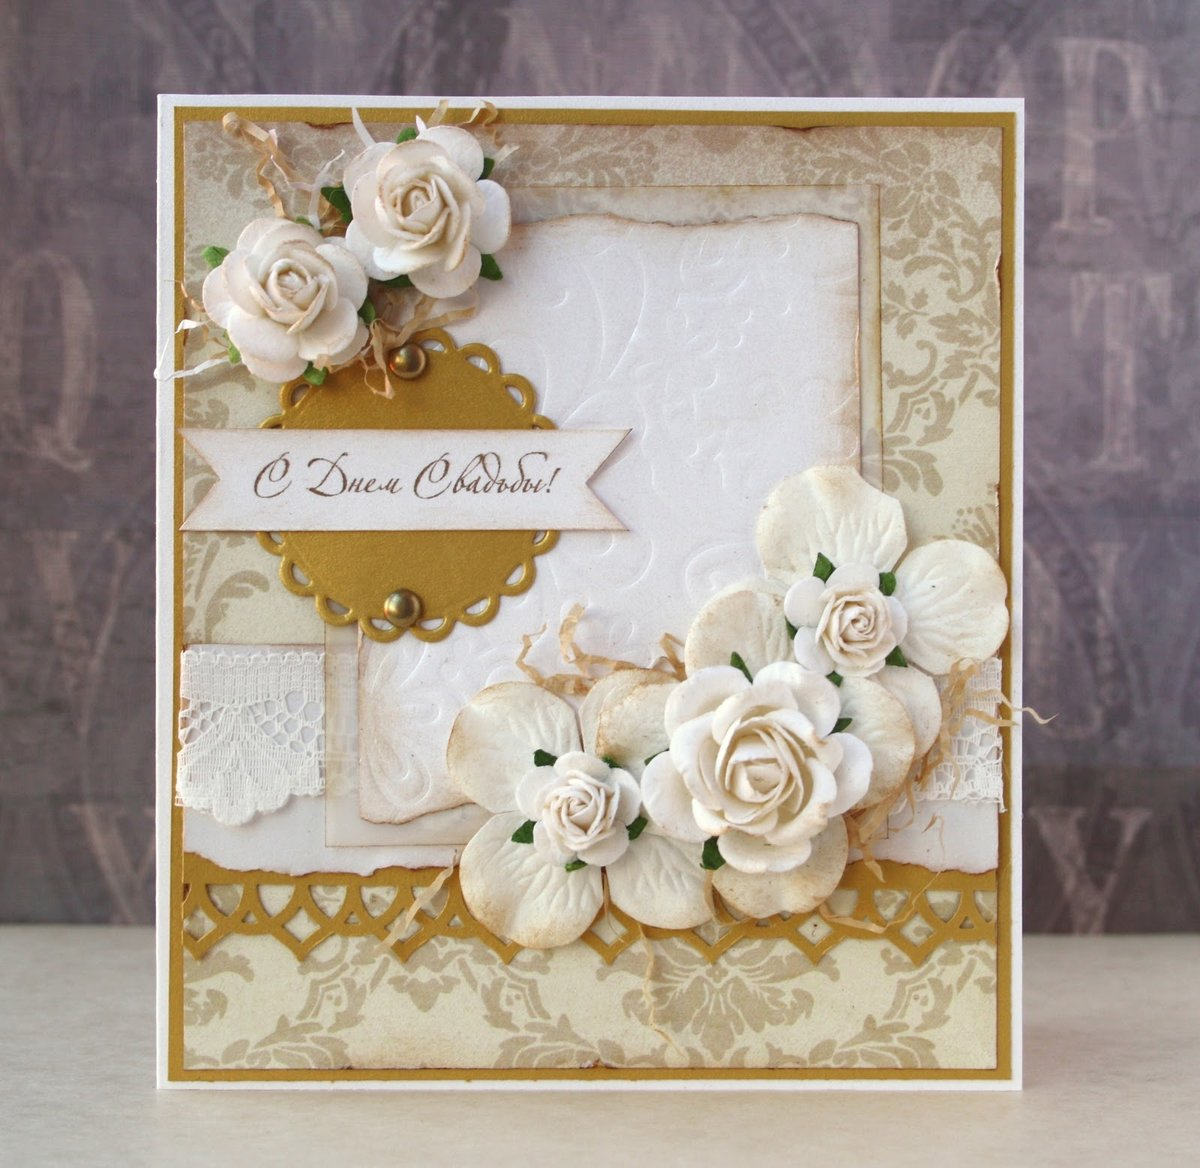 как красиво оформленные открытки с днем свадьбы промыв